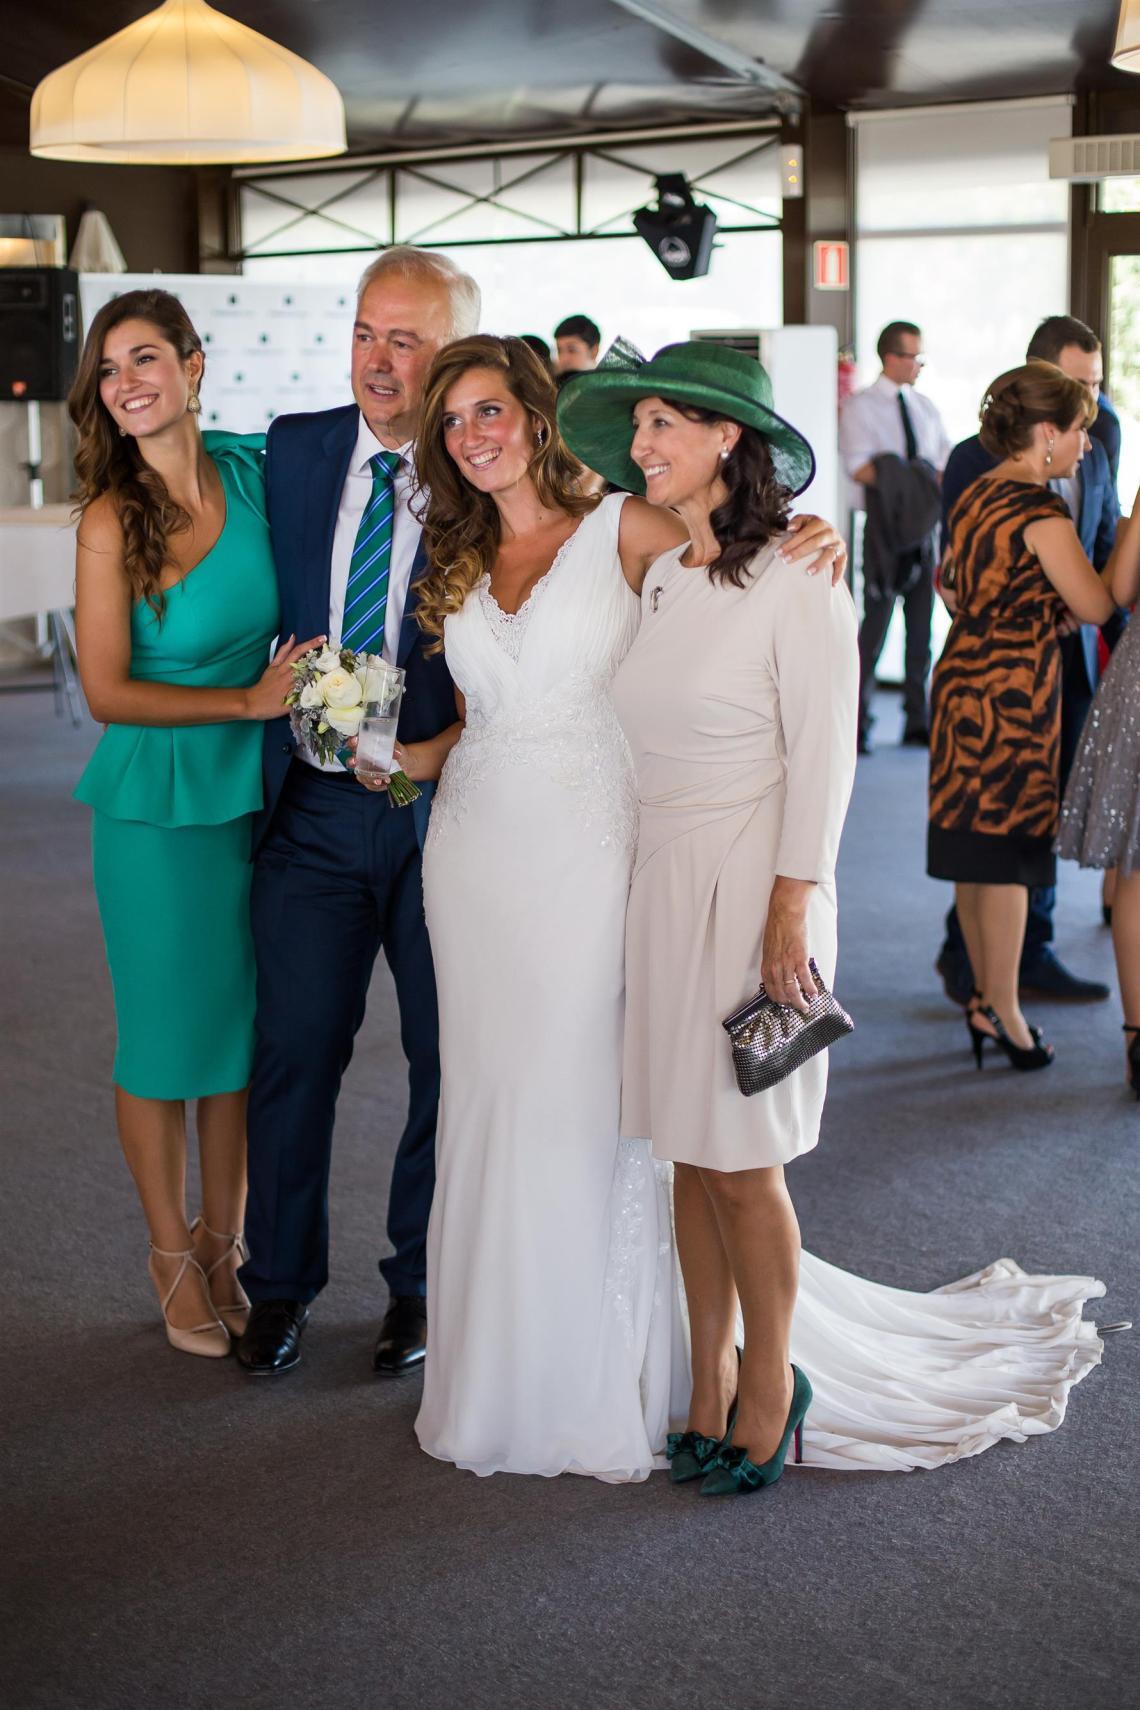 boda-espanola-sueca-ella-se-viste-de-blanco (16)